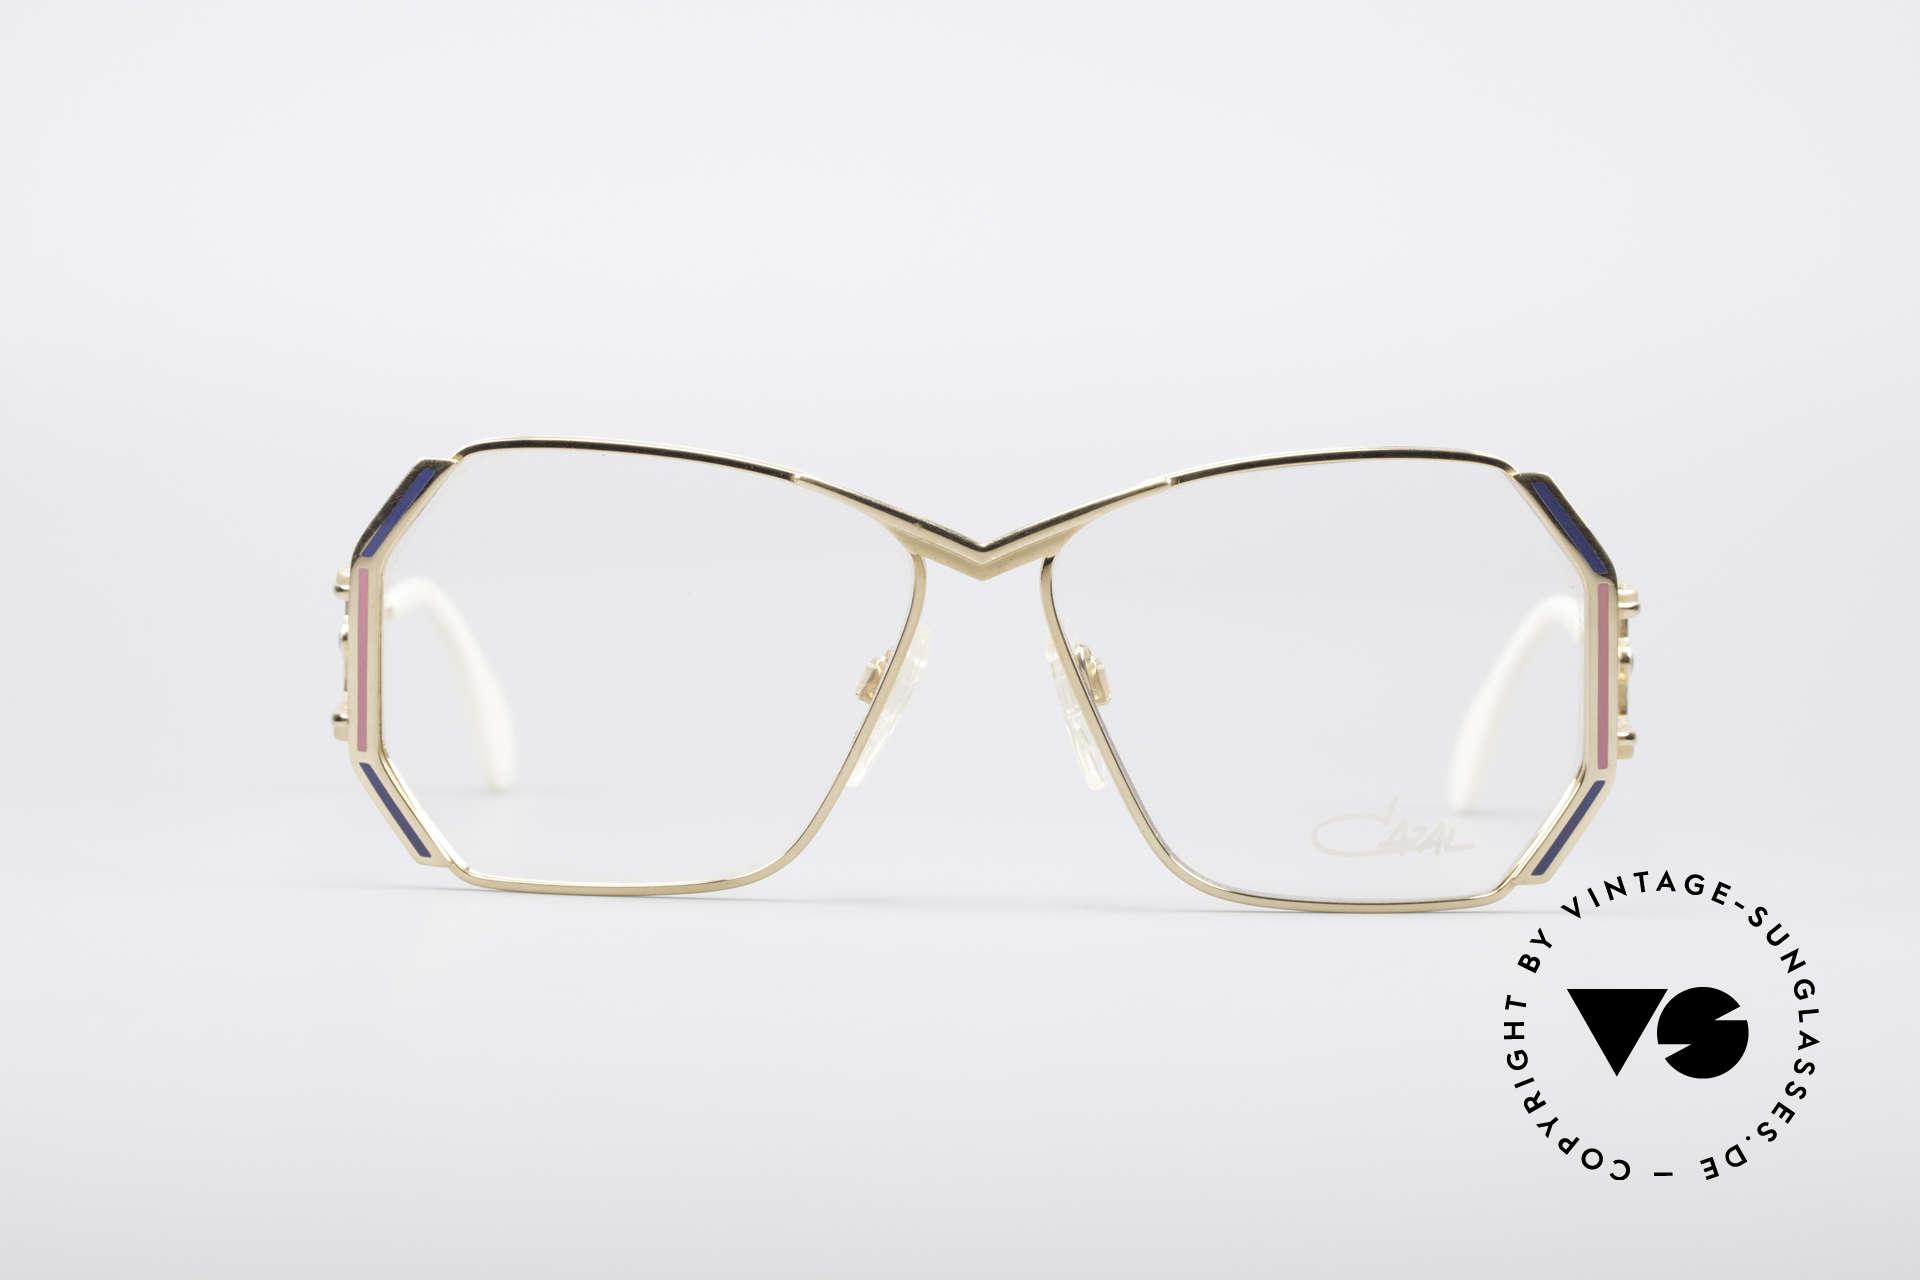 Cazal 225 80er Old School HipHop Brille, tolles Design von Cari Zalloni mit auffälligen Bügeln, Passend für Damen